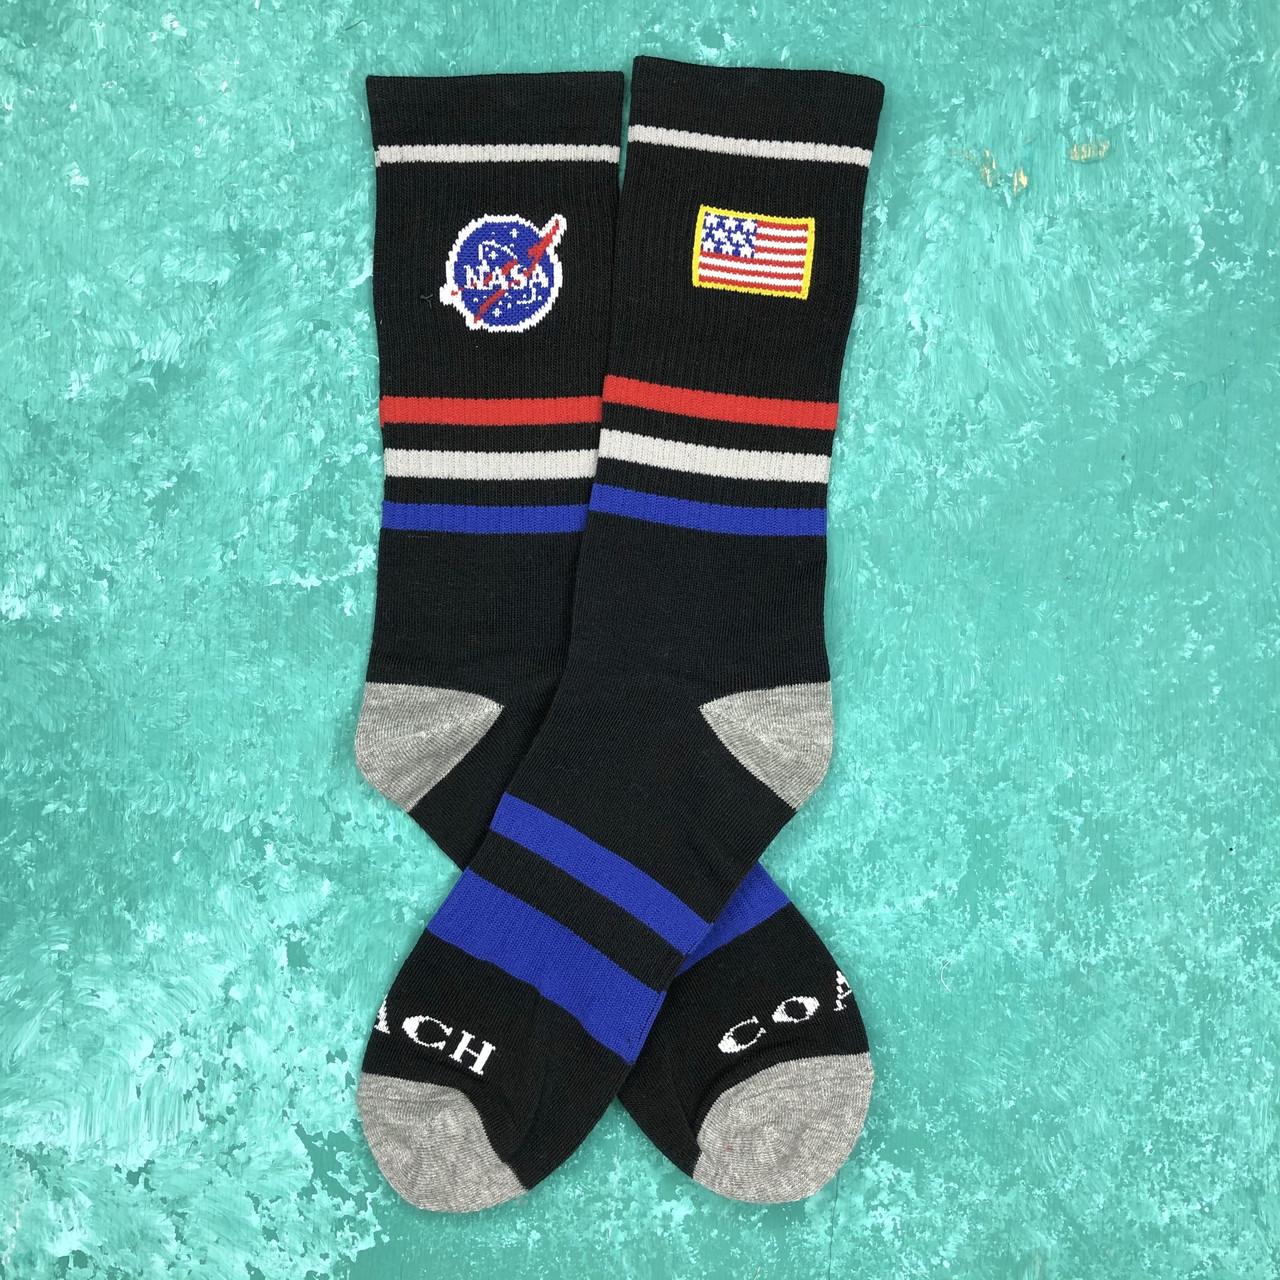 Носки Высокие Женские Мужские NASA Черные 37-43